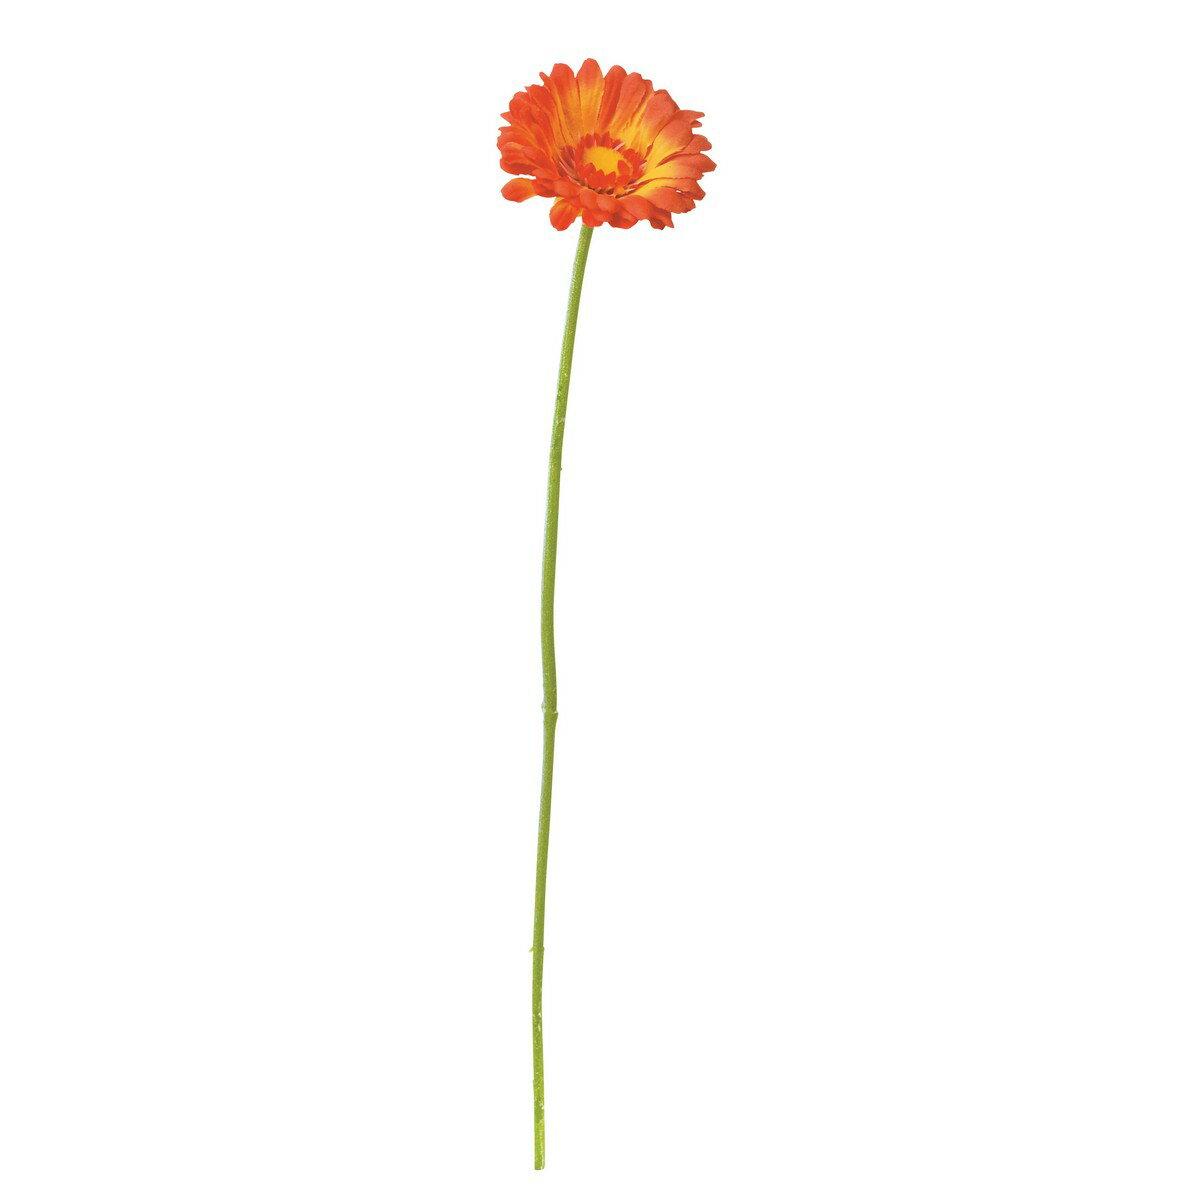 即日 【造花】YDM/ミニガーベラ オレンジ/FA -6625-OR《 造花(アーティフィシャルフラワー) 造花 花材「か行」 ガーベラ 》